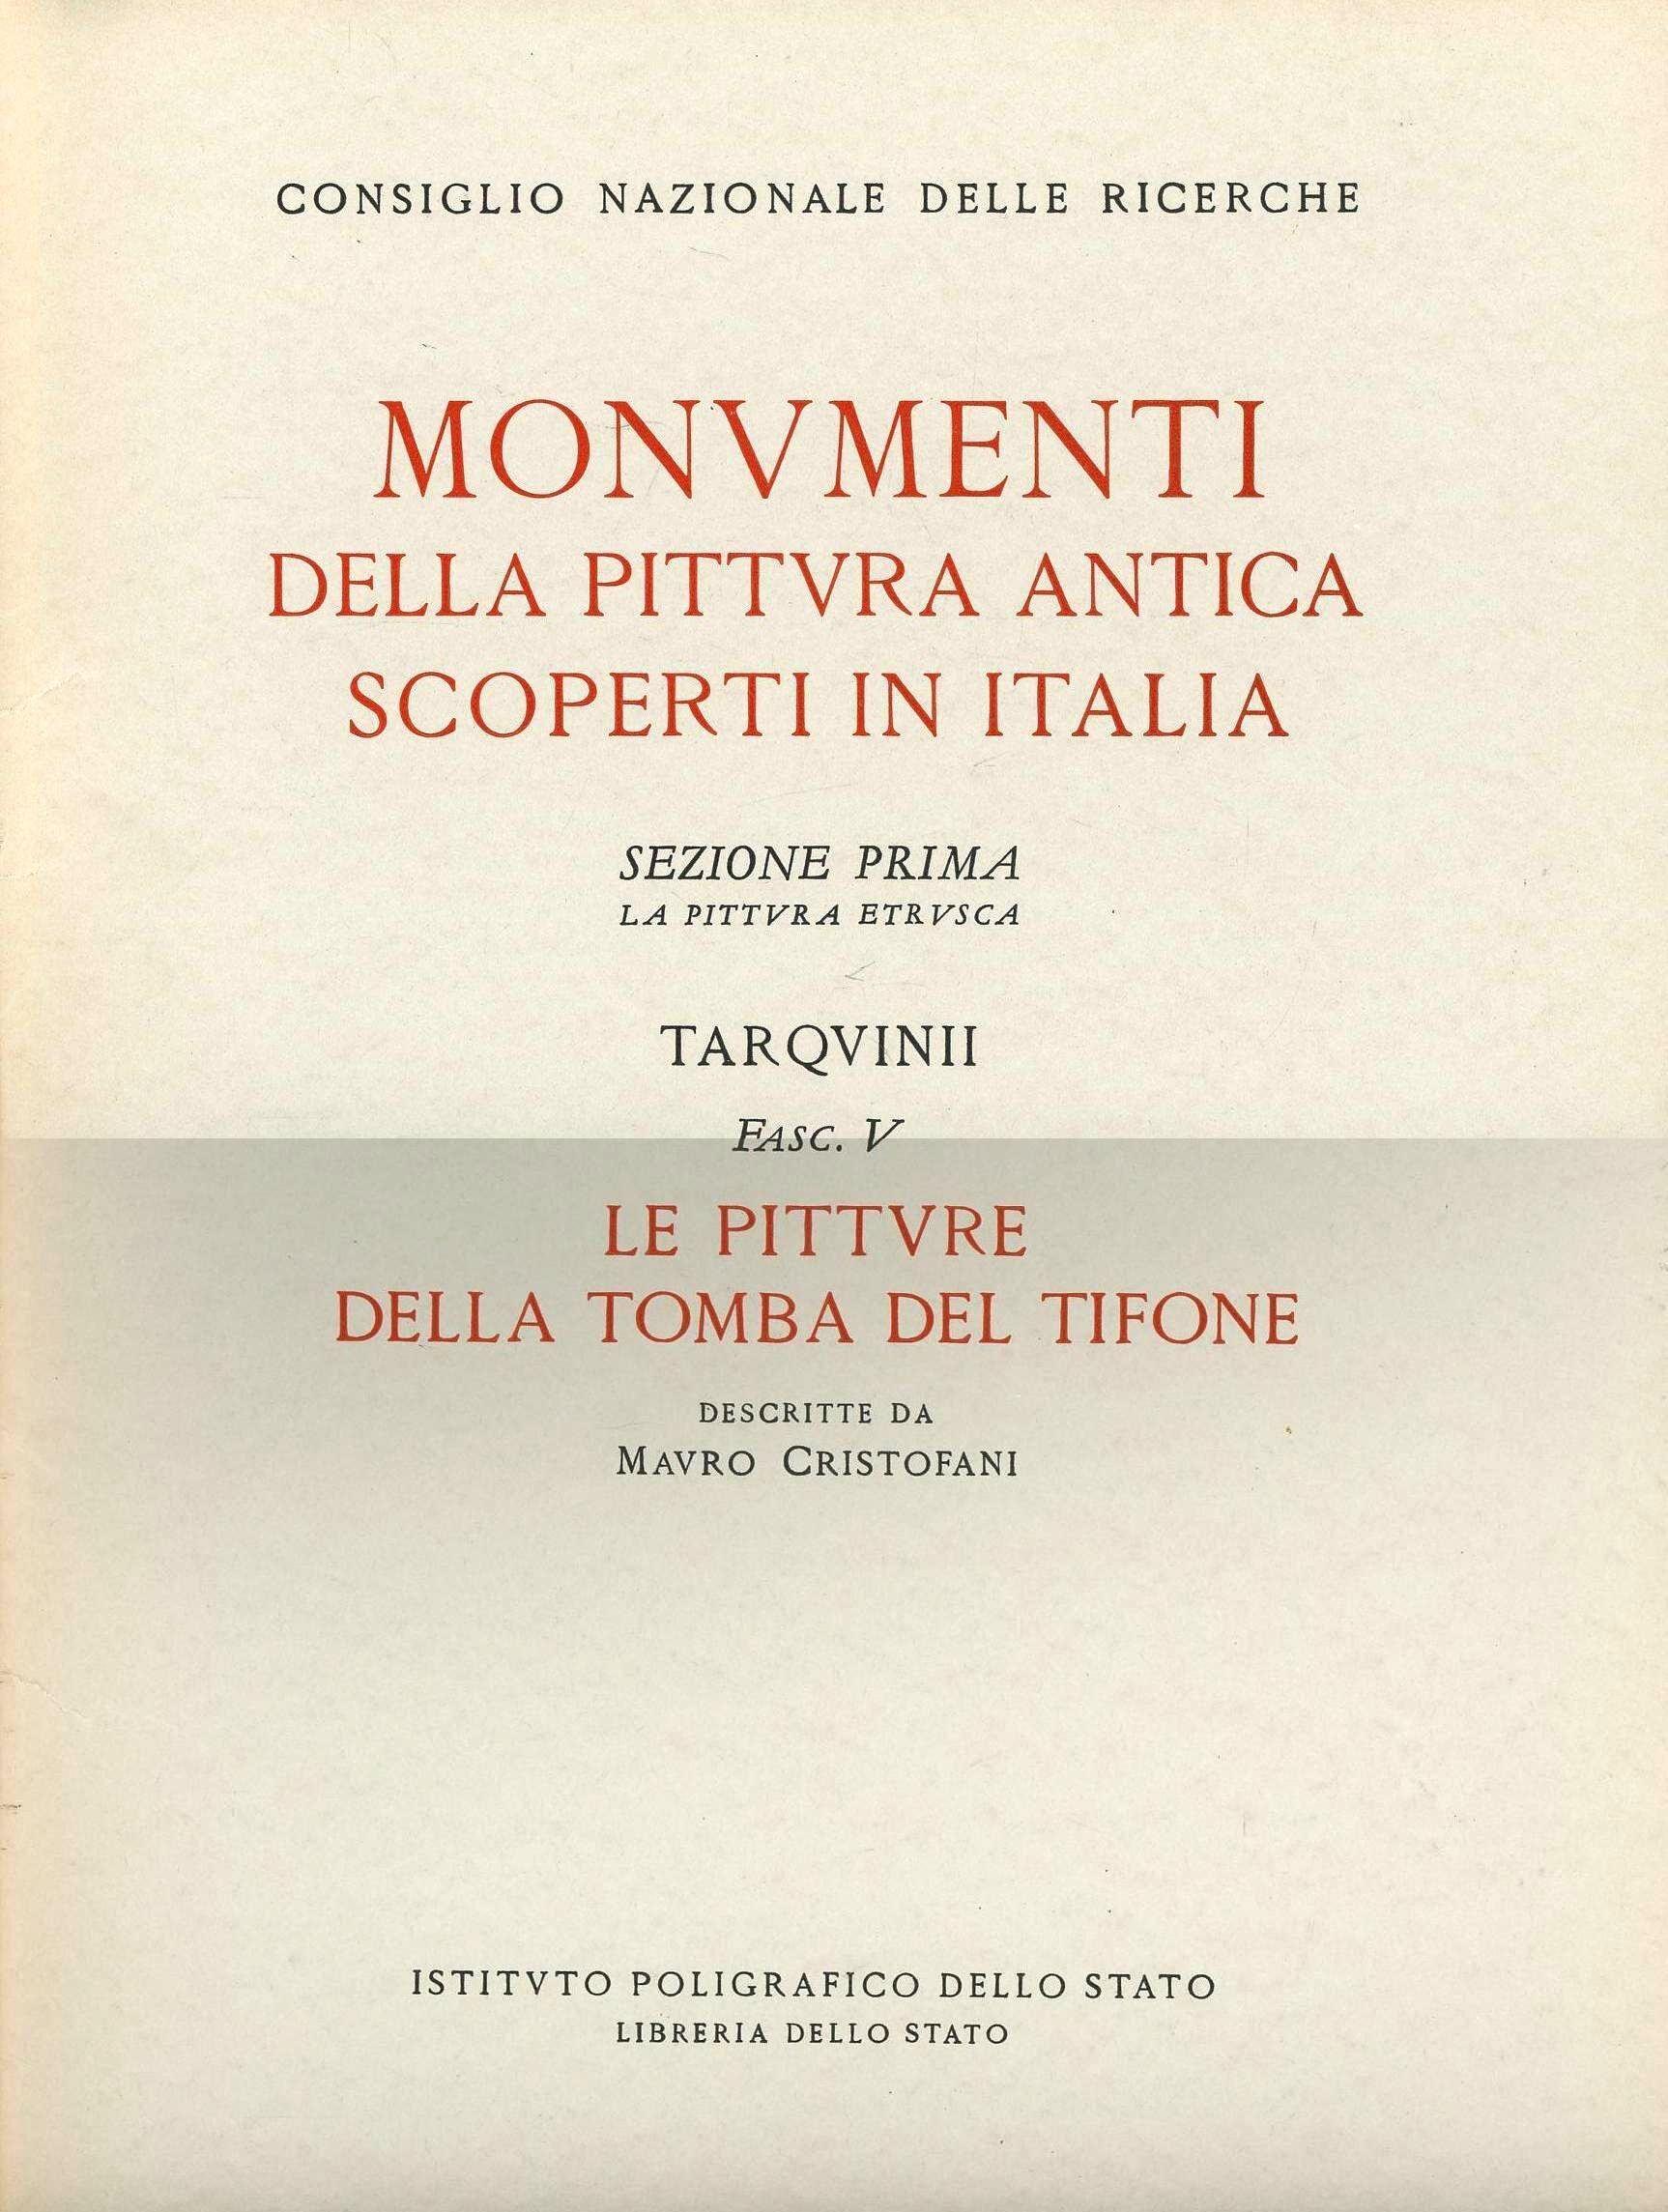 Monumenti della pittura antica scoperti in Italia. Programma dell'opera